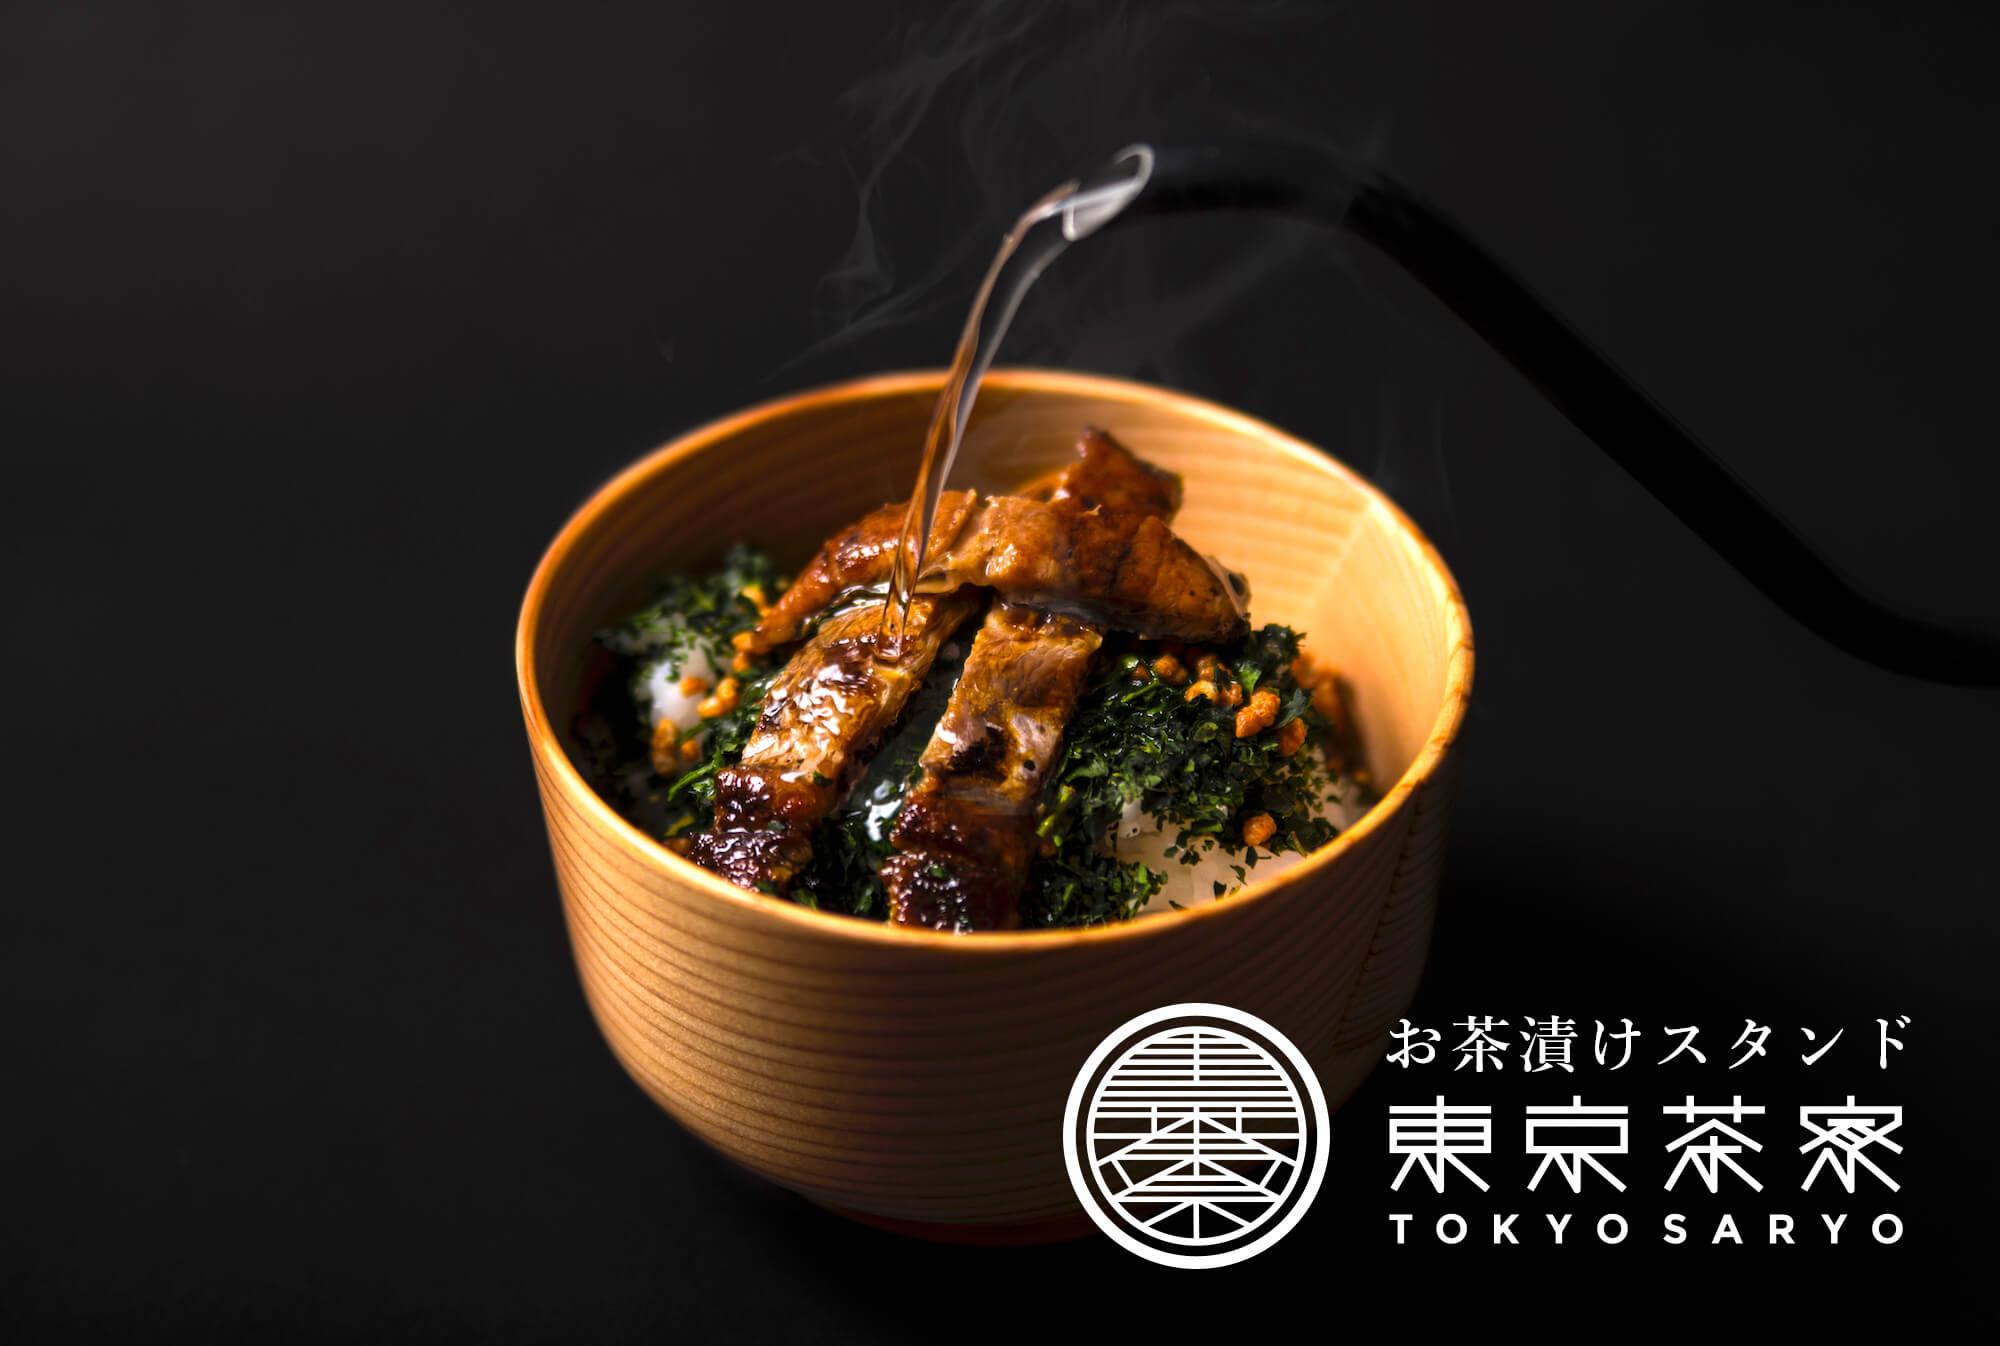 お茶漬けスタンド 東京茶寮 ochazuke stand tokyo saryo オープン open hand drip tea ハンドドリップ日本茶 テイクアウト take out main